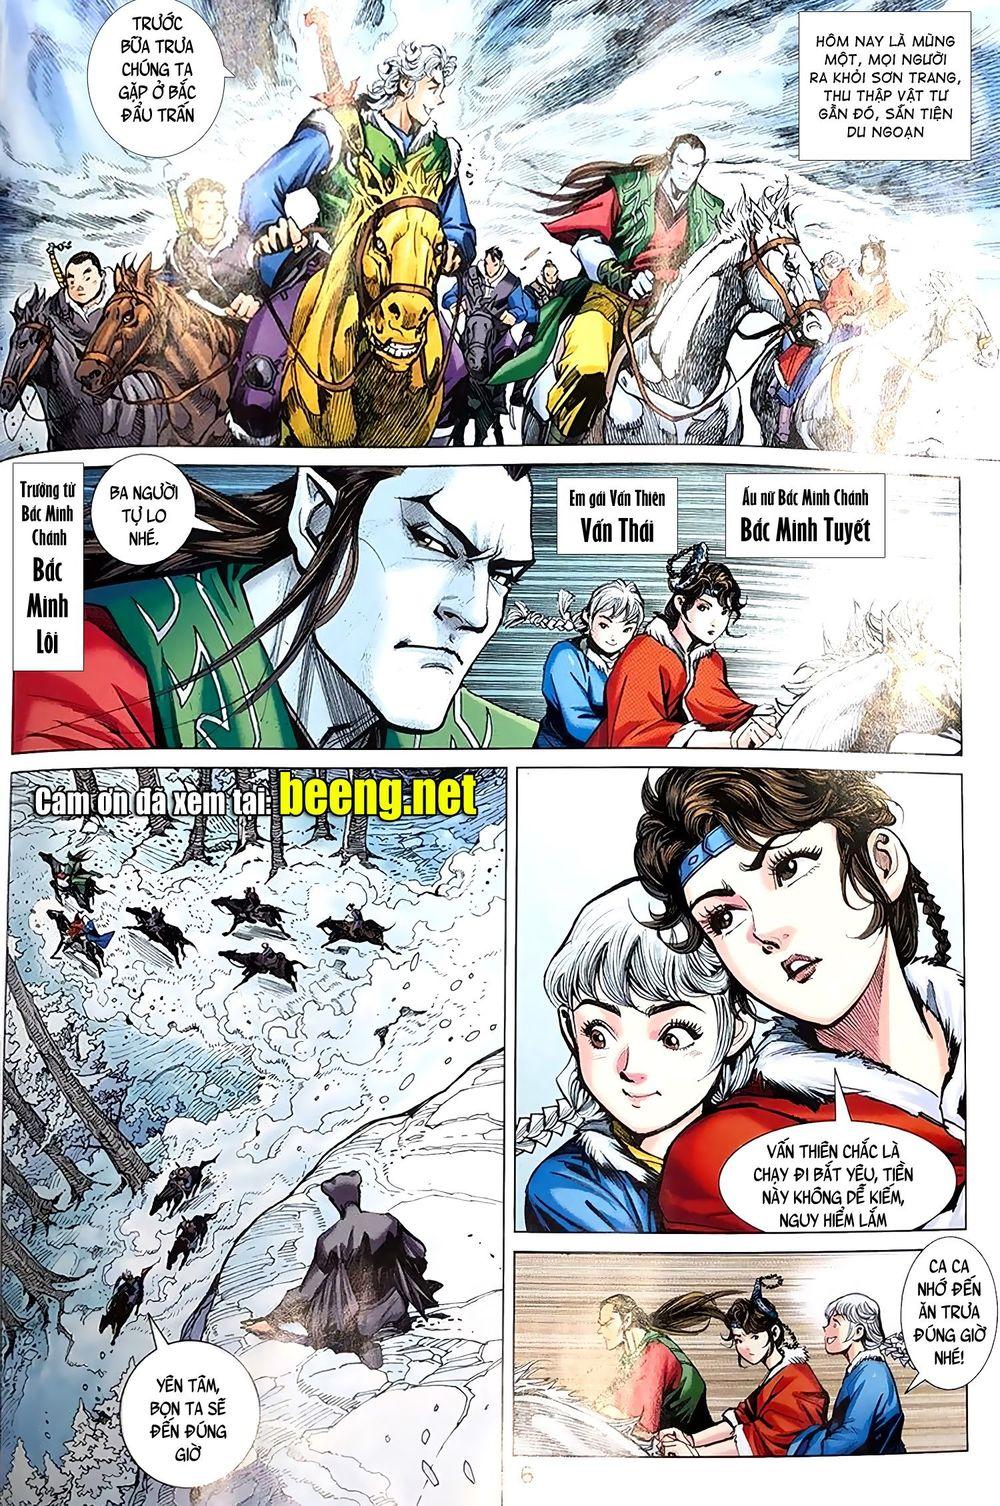 Thiên Yêu Huyền Kỳ  Chapter 0 - upload bởi truyensieuhay.com